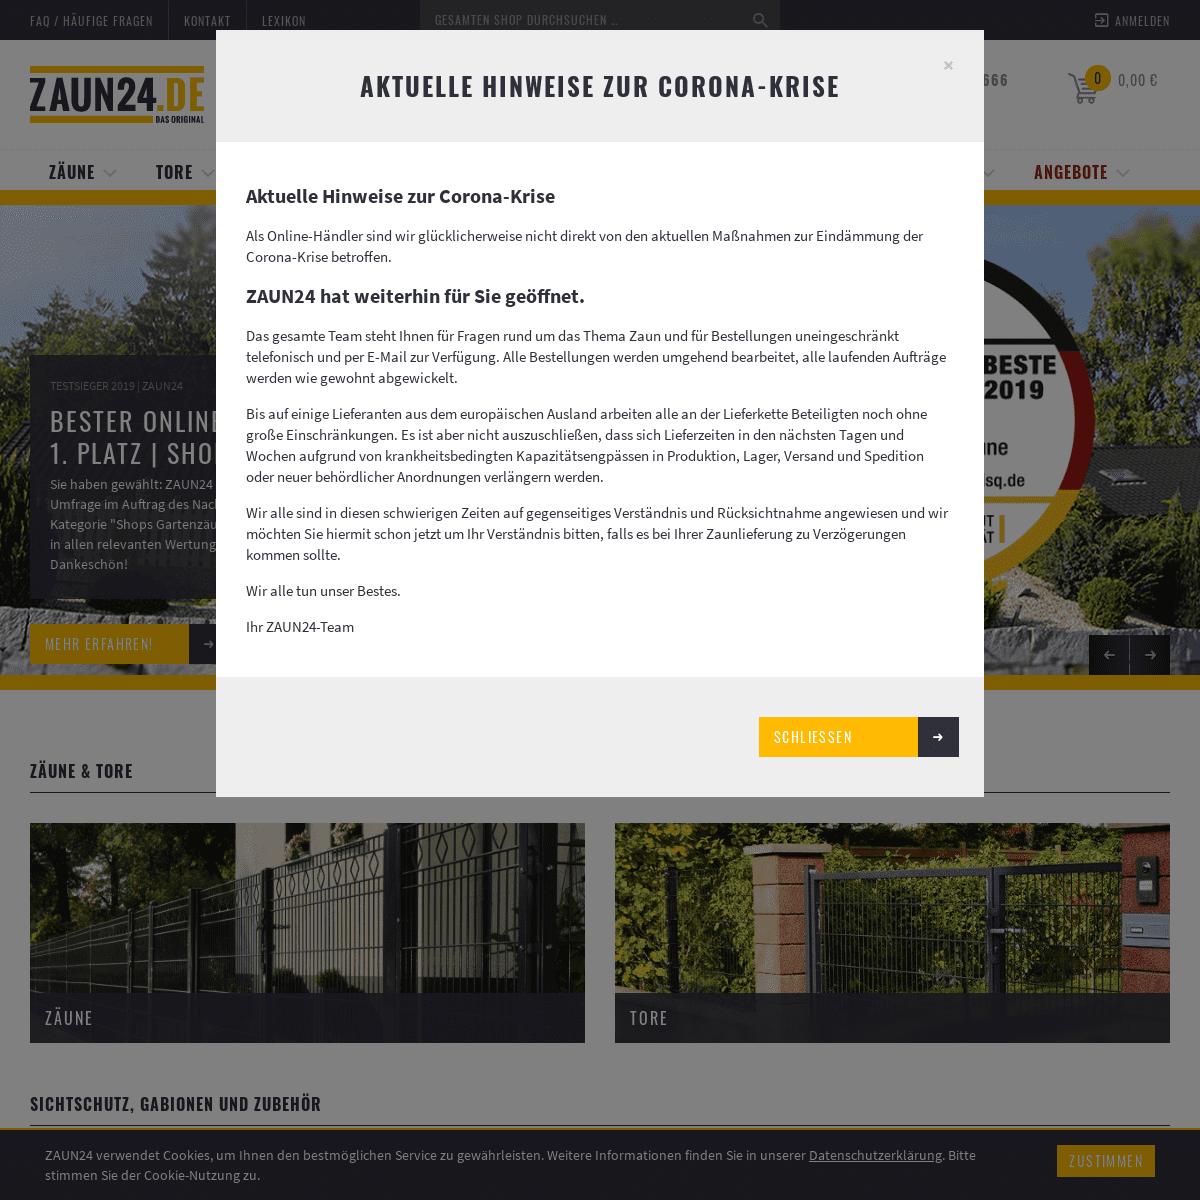 Zäune und Gartentore online kaufen bei ZAUN24.de